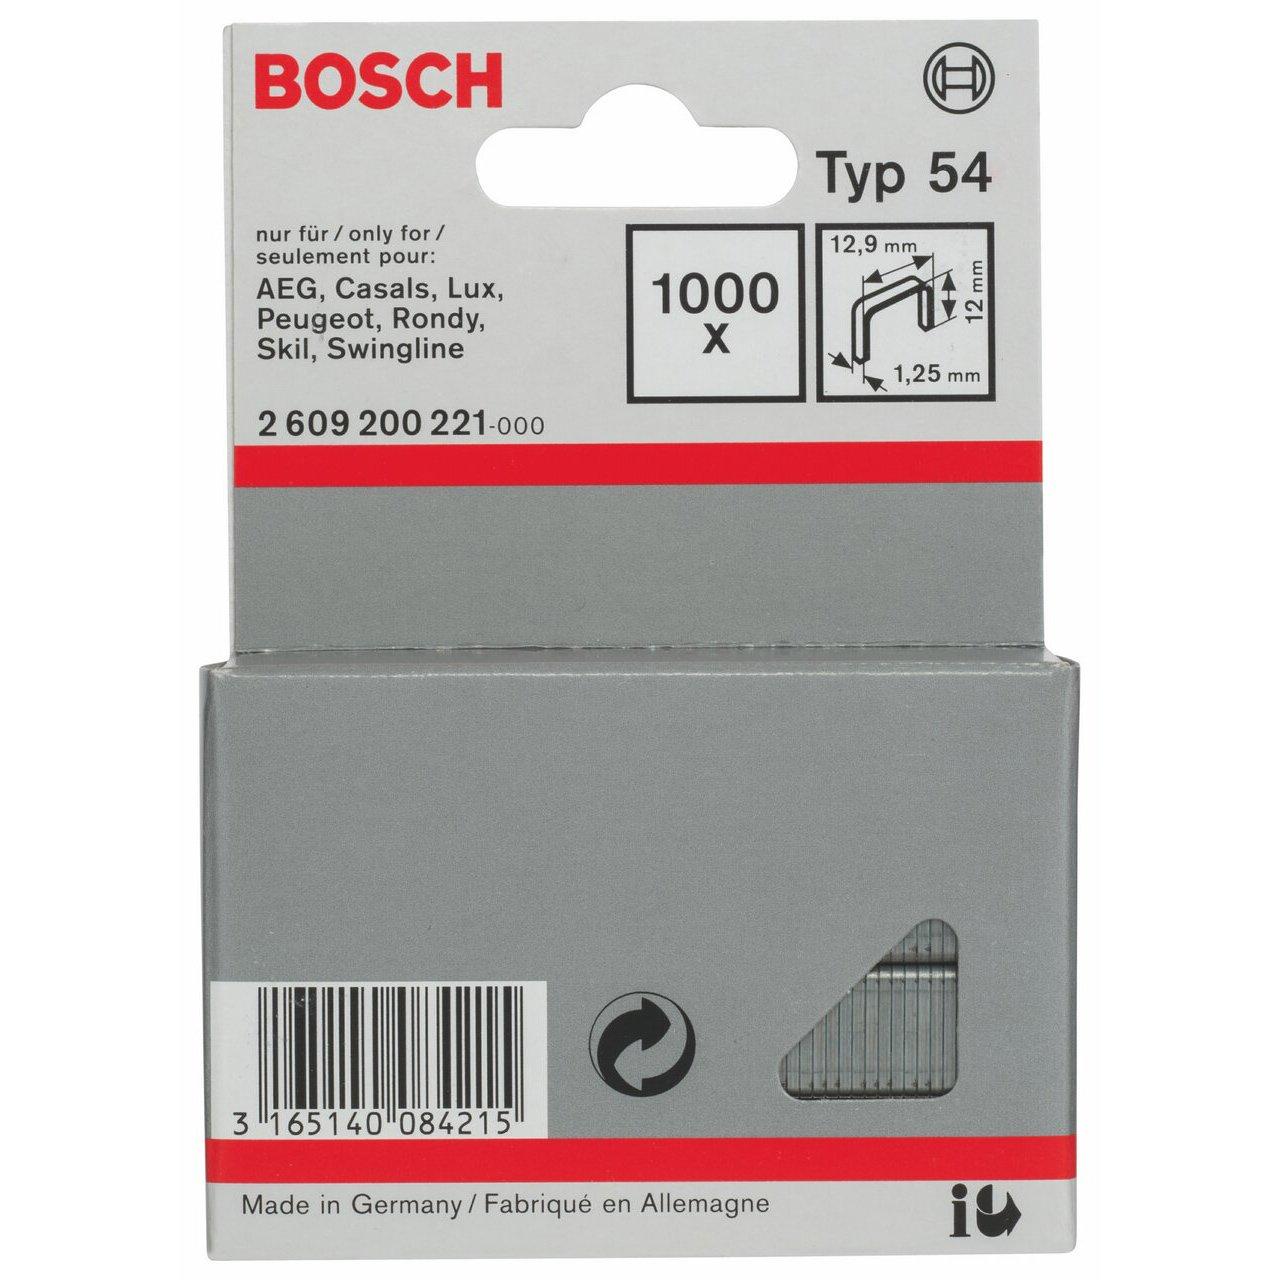 Grapa de alambre plano tipo 54-12,9 x 1,25 x 12 mm pack de 1000 Bosch 2 609 200 221